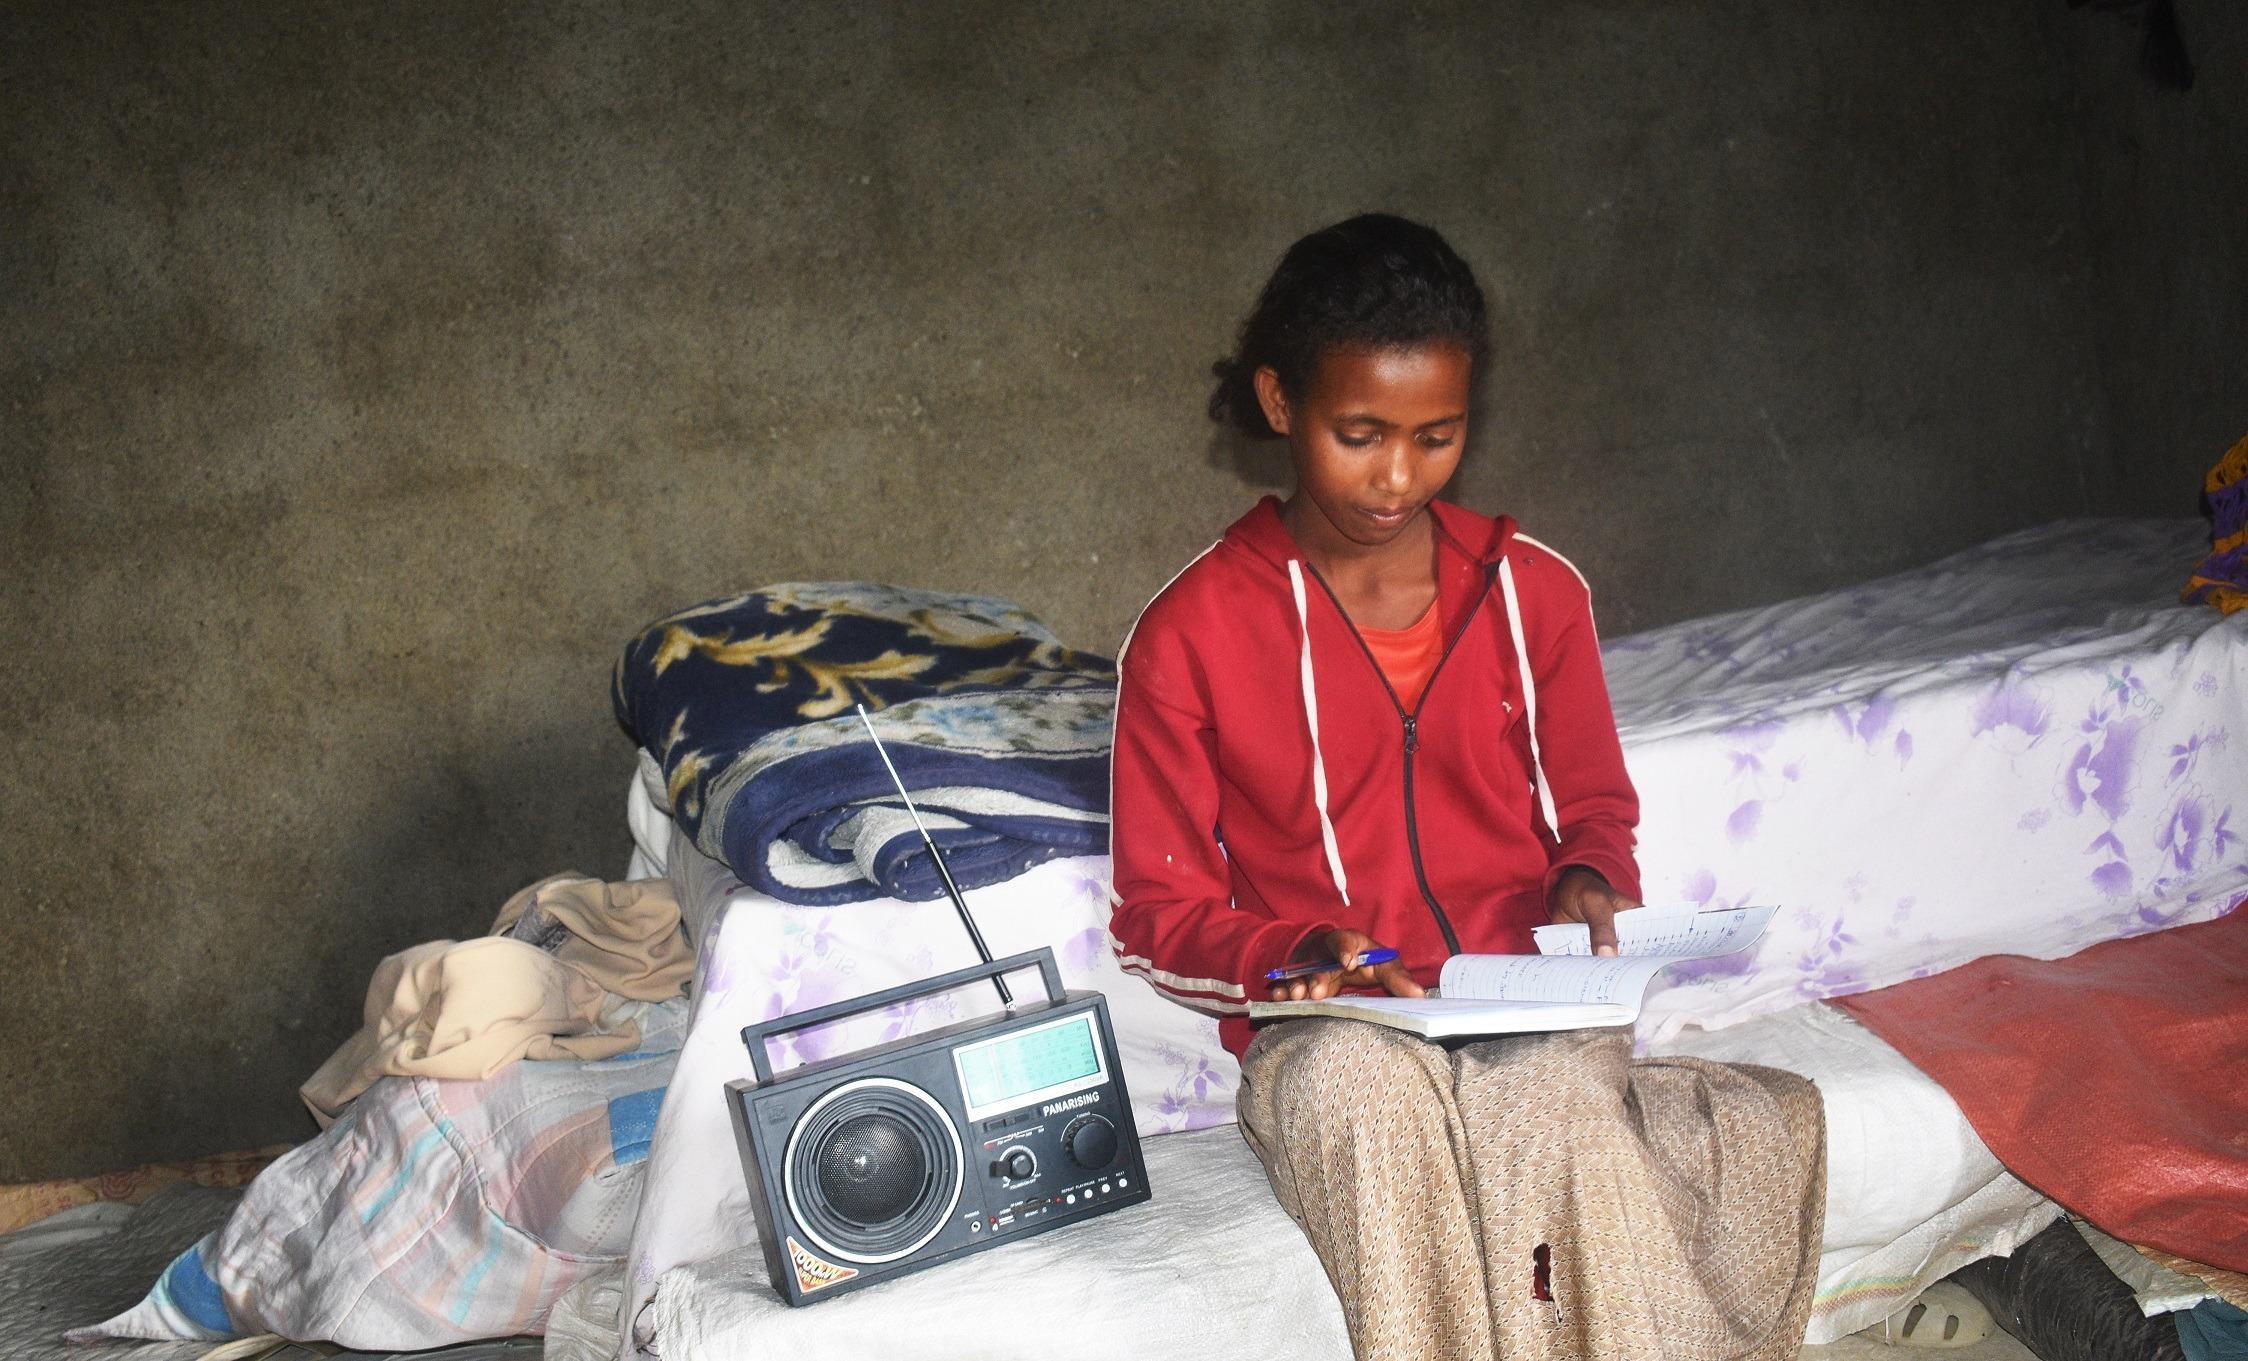 Tigist dall'Etiopia ha potuto continuare le sue lezioni grazie alla radio.